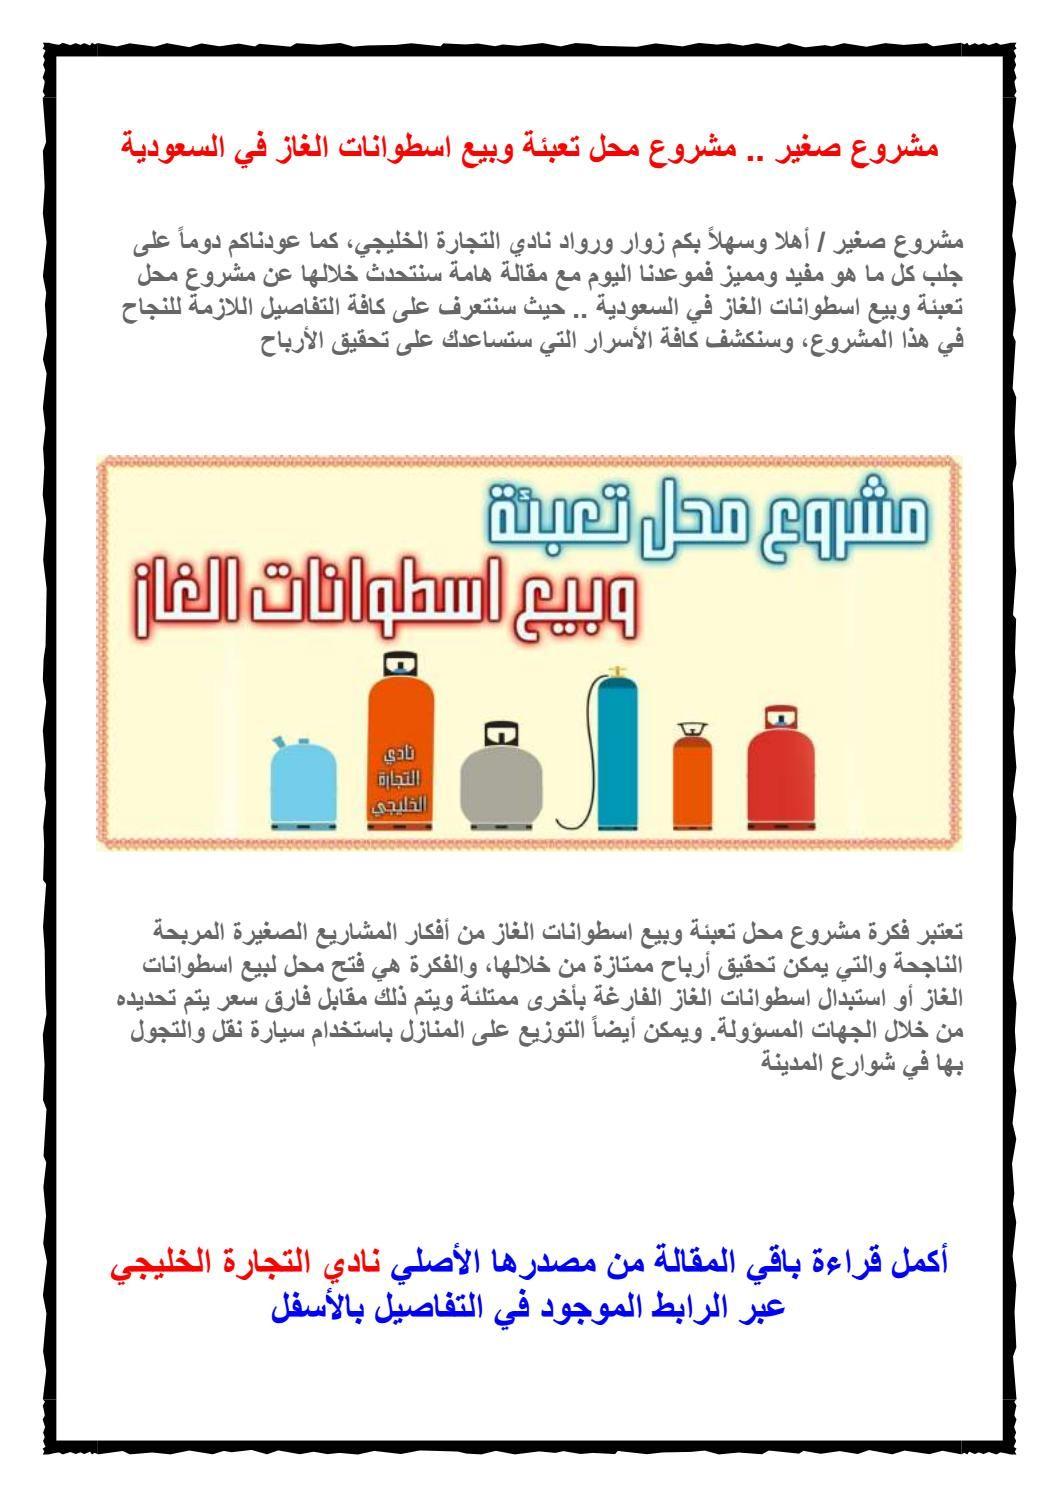 مشروع صغير مشروع محل تعبئة وبيع اسطوانات الغاز في السعودية Microsoft Word Document Words Microsoft Word